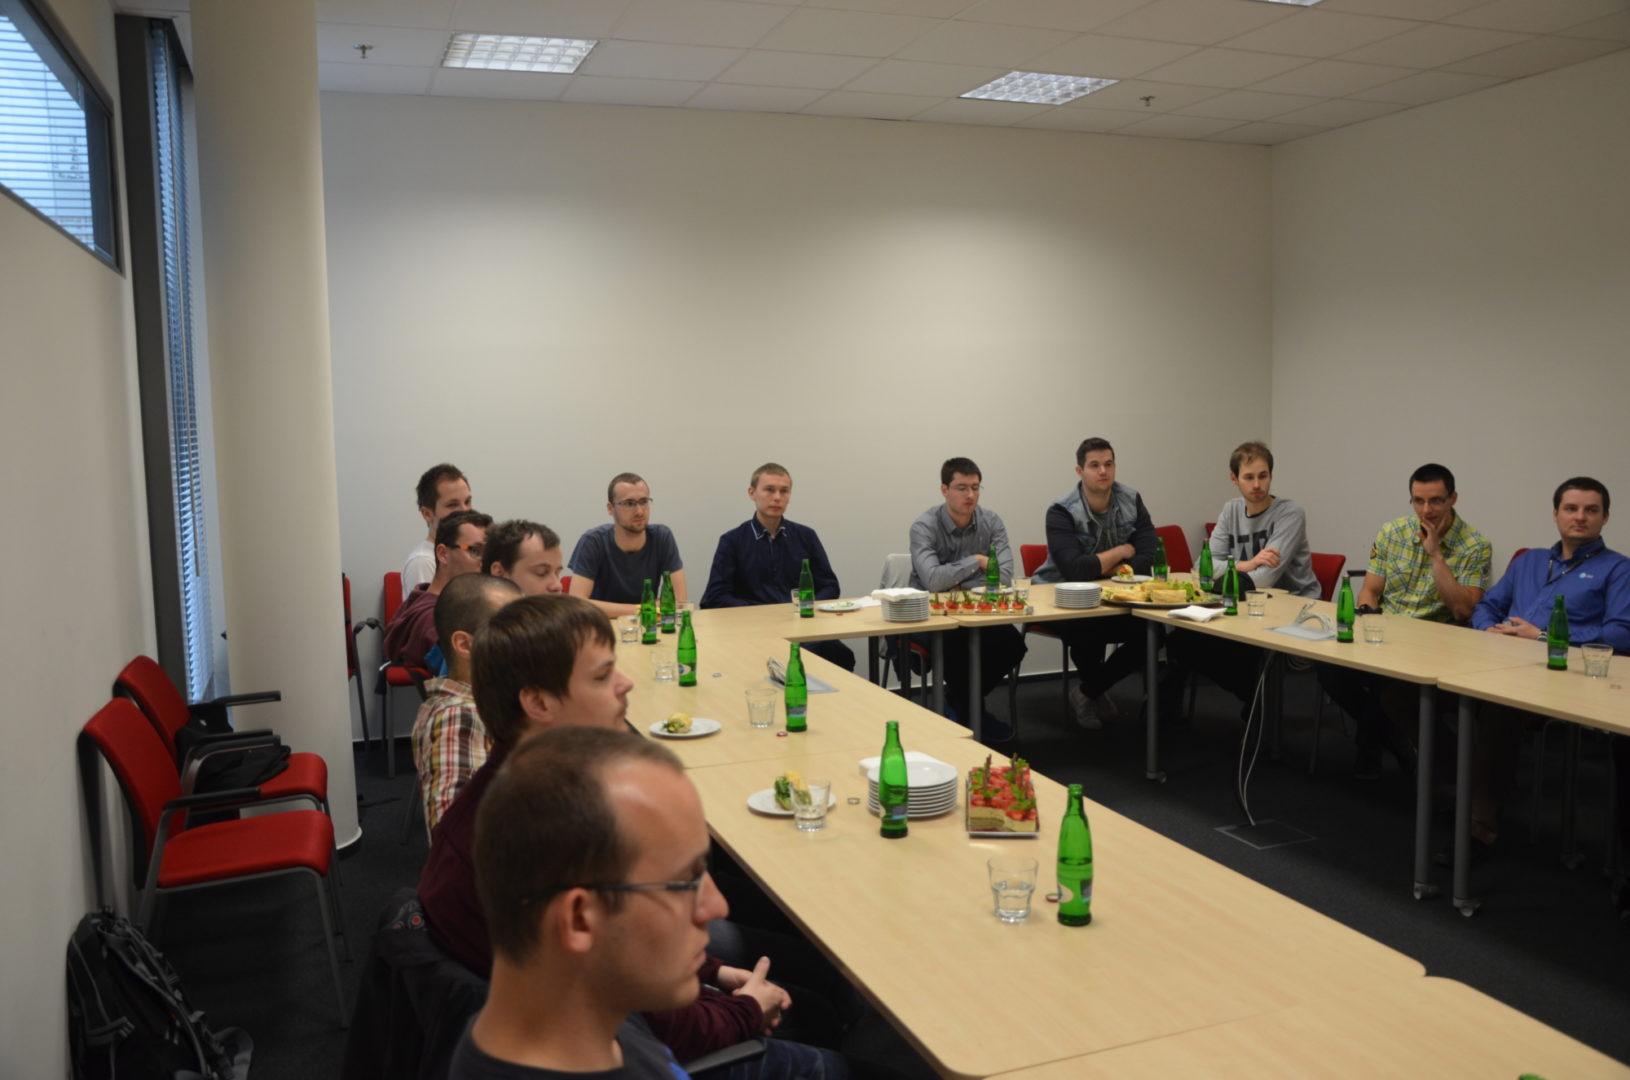 AT&T Training Center Brno, Czech Republic - Summer 2015